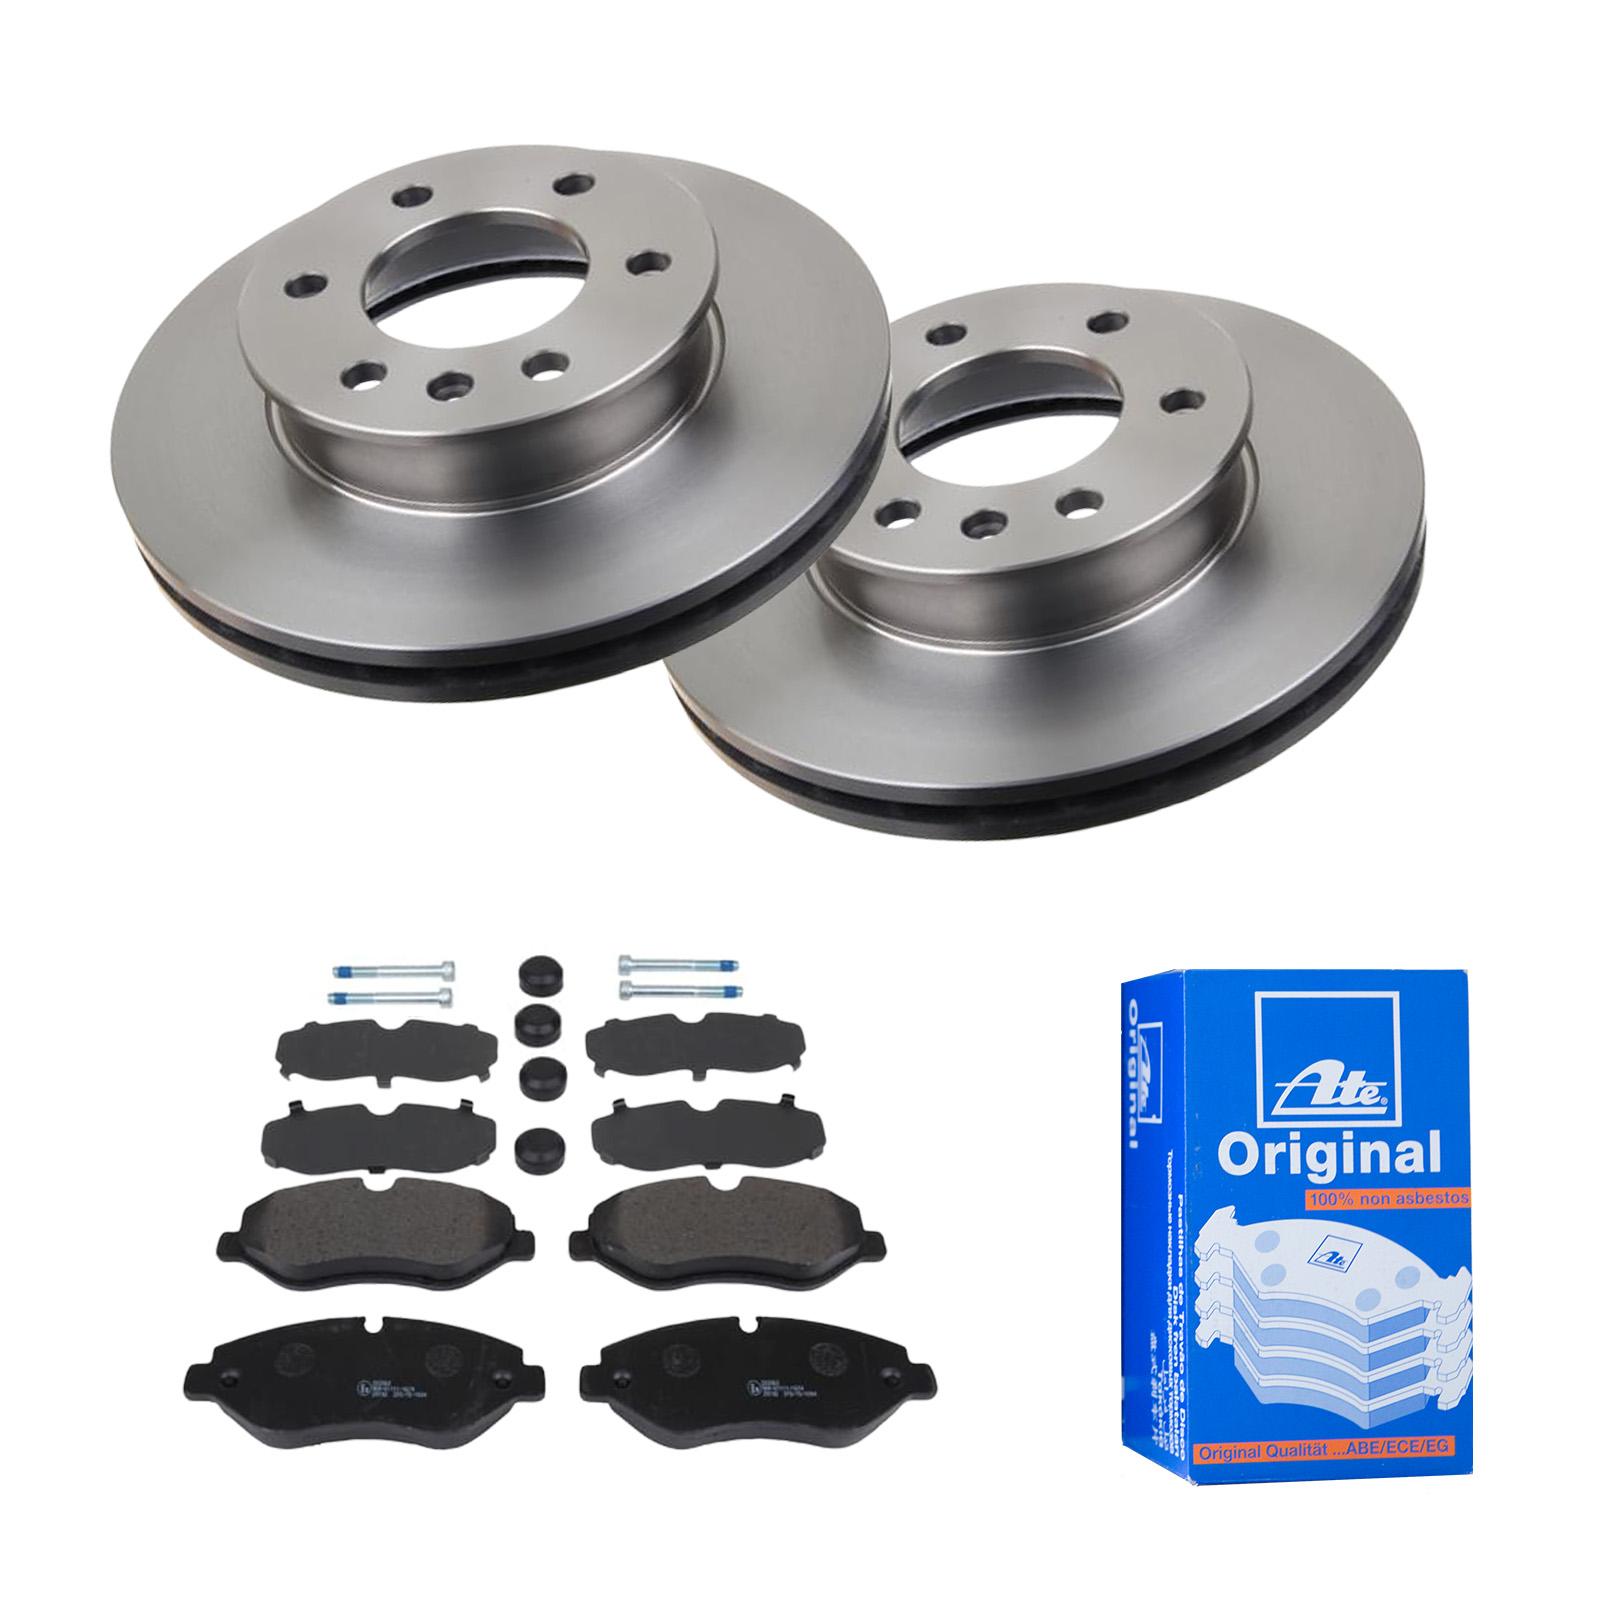 Bremsbeläge Vorne für VW Bremsensatz, ATE2 Bremsscheiben belüftet 256 mm